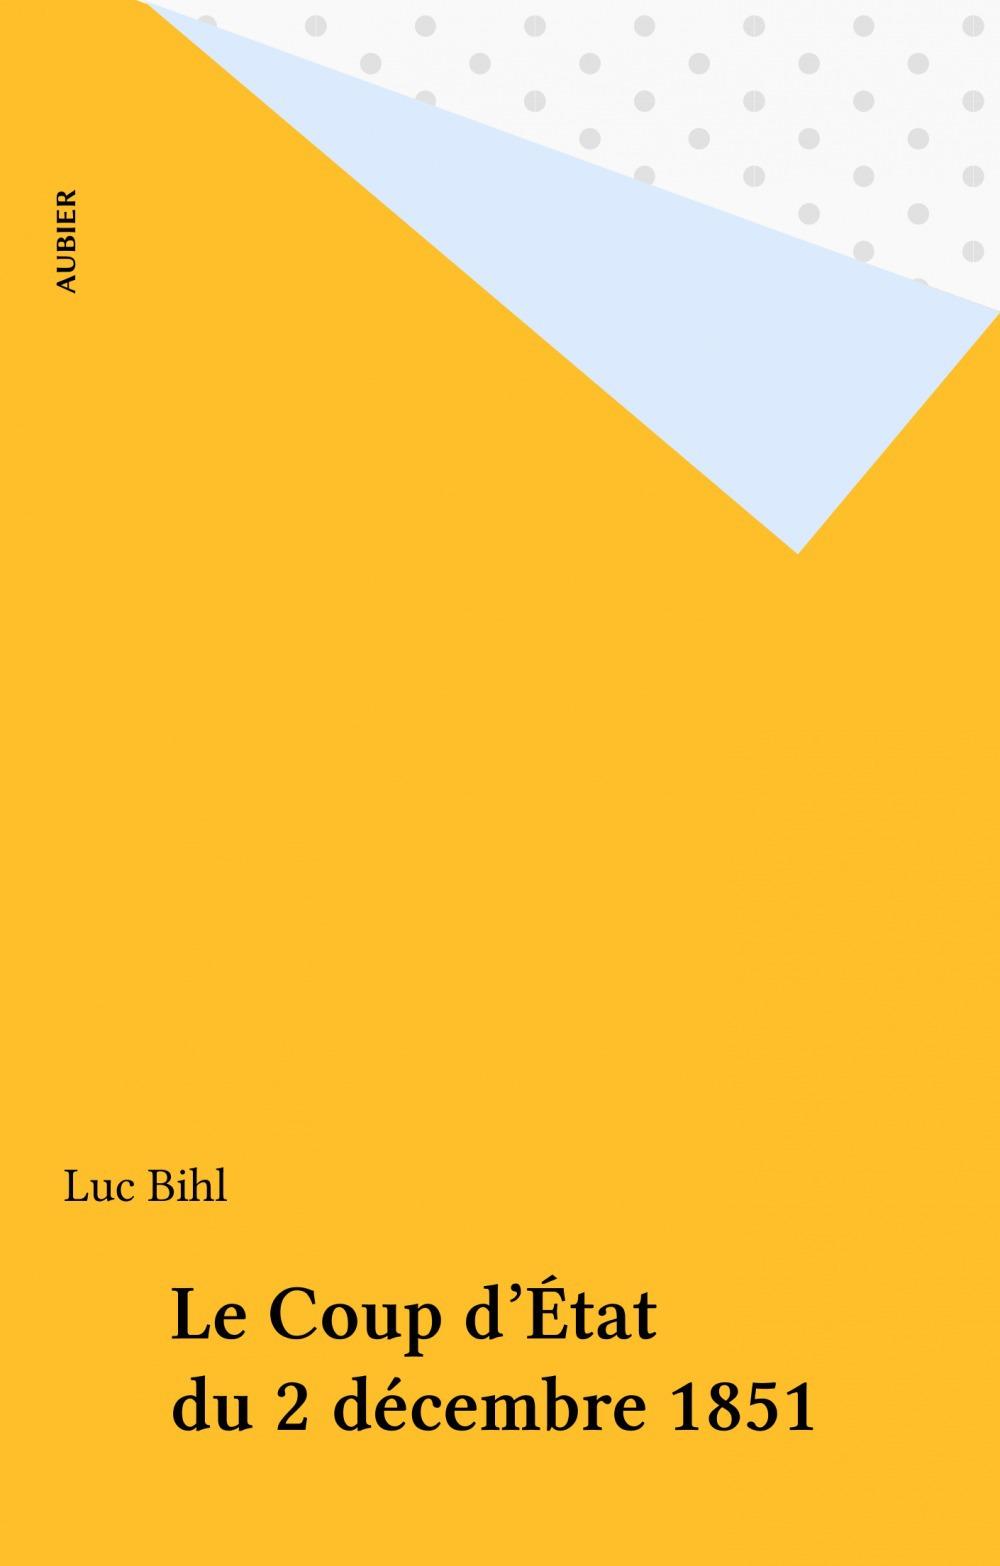 Le Coup d'État du 2 décembre 1851  - Luc Bihl